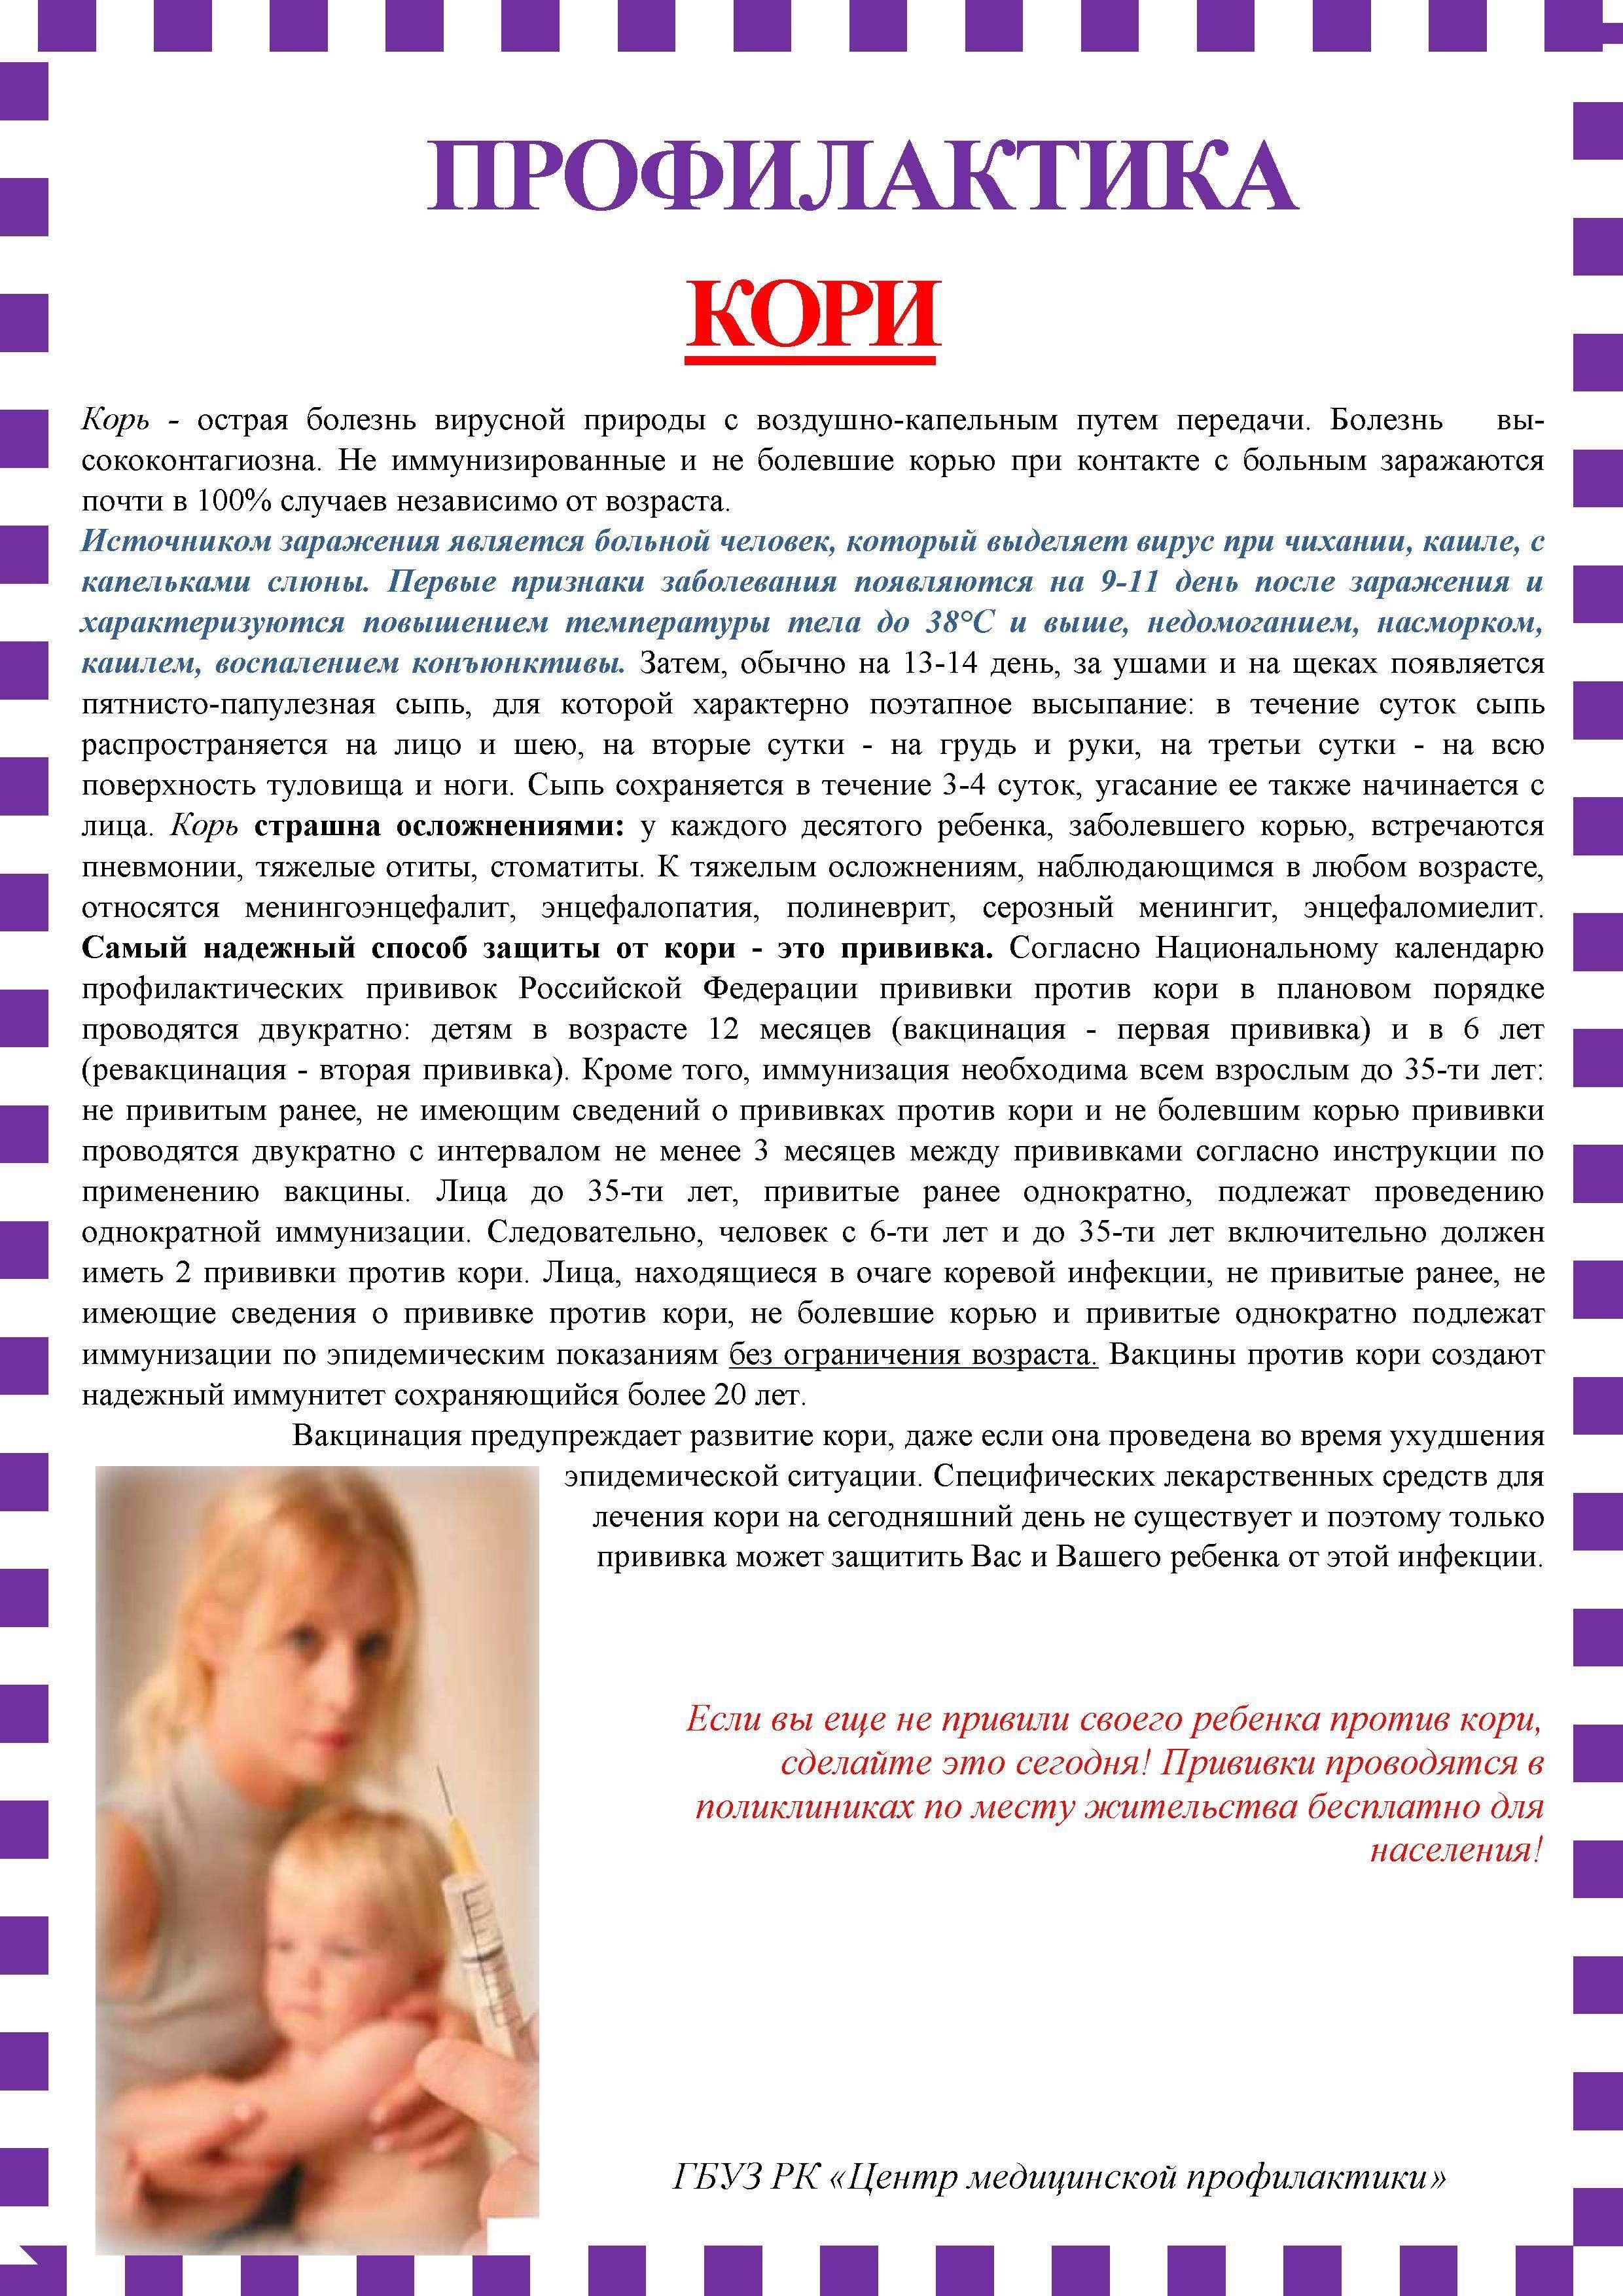 Прививка от кори детям: до какого возраста и куда делают, возможные побочные действия и осложнения, противопоказания